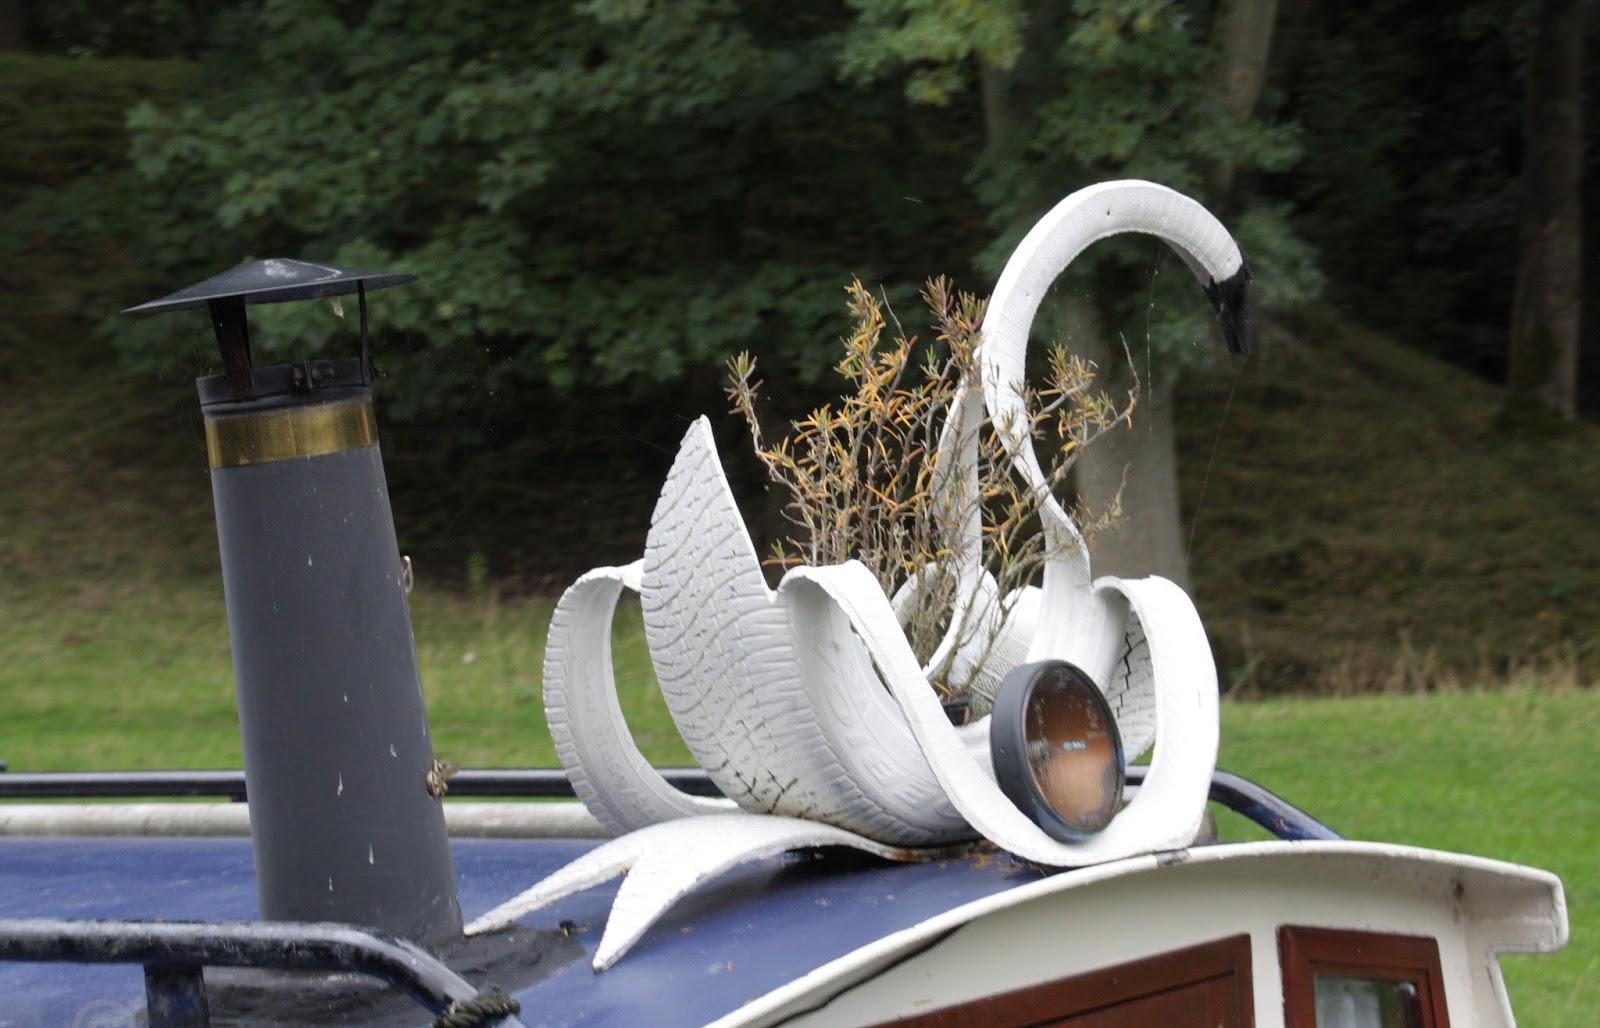 Имея старые отслужившие покрышки, инструменты и немного терпения, можно сотворить прекрасного лебедя